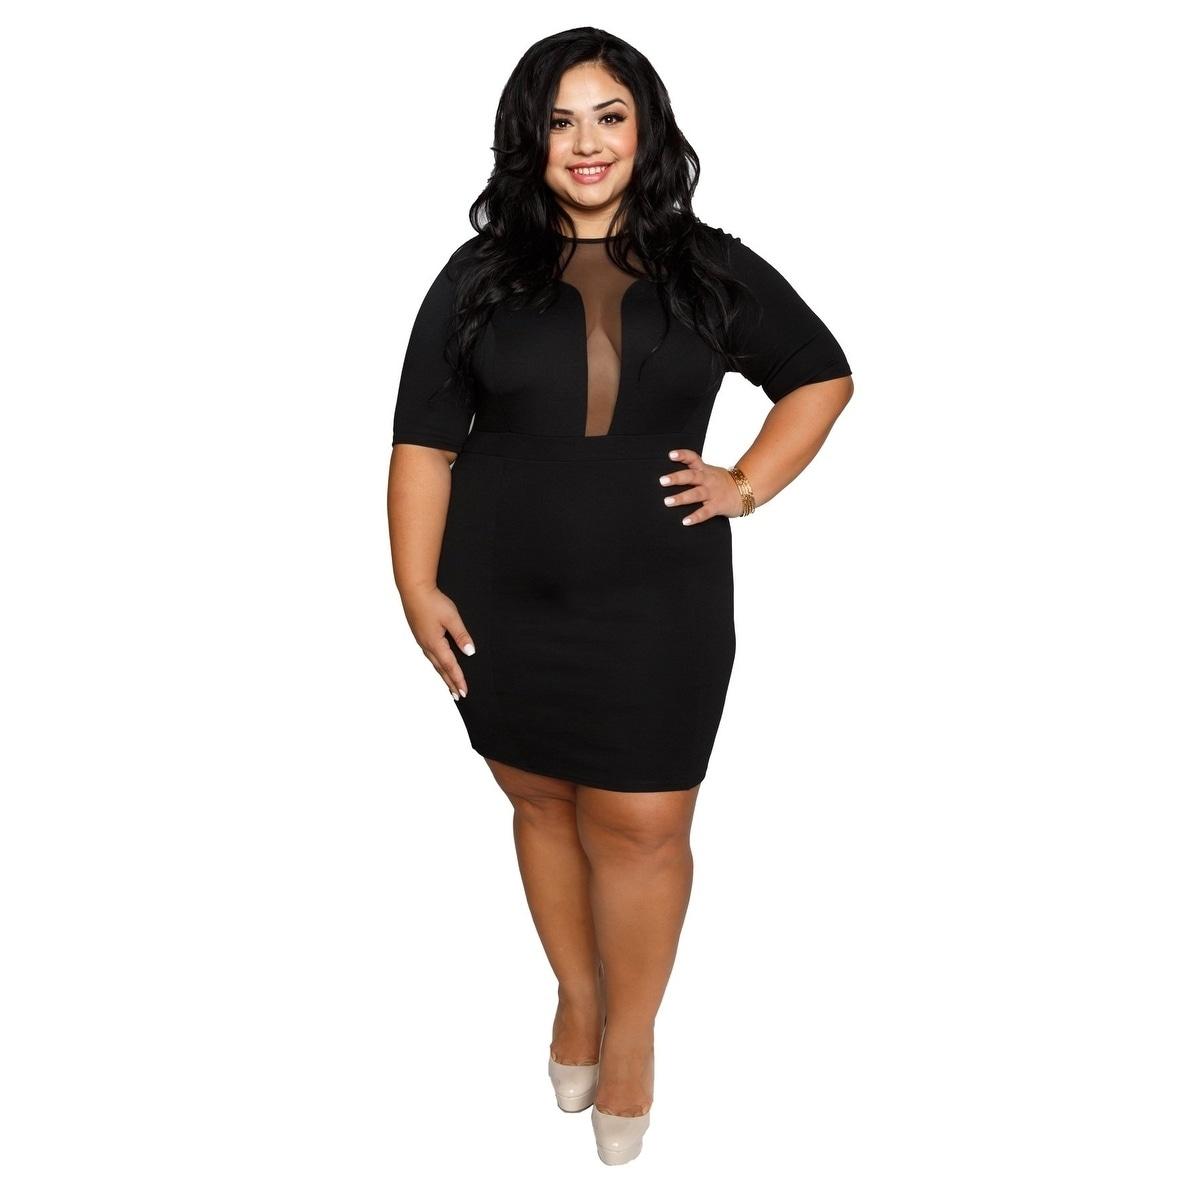 Xehar Womens Plus Size Mesh Illusion Neckline Bodycon Dress